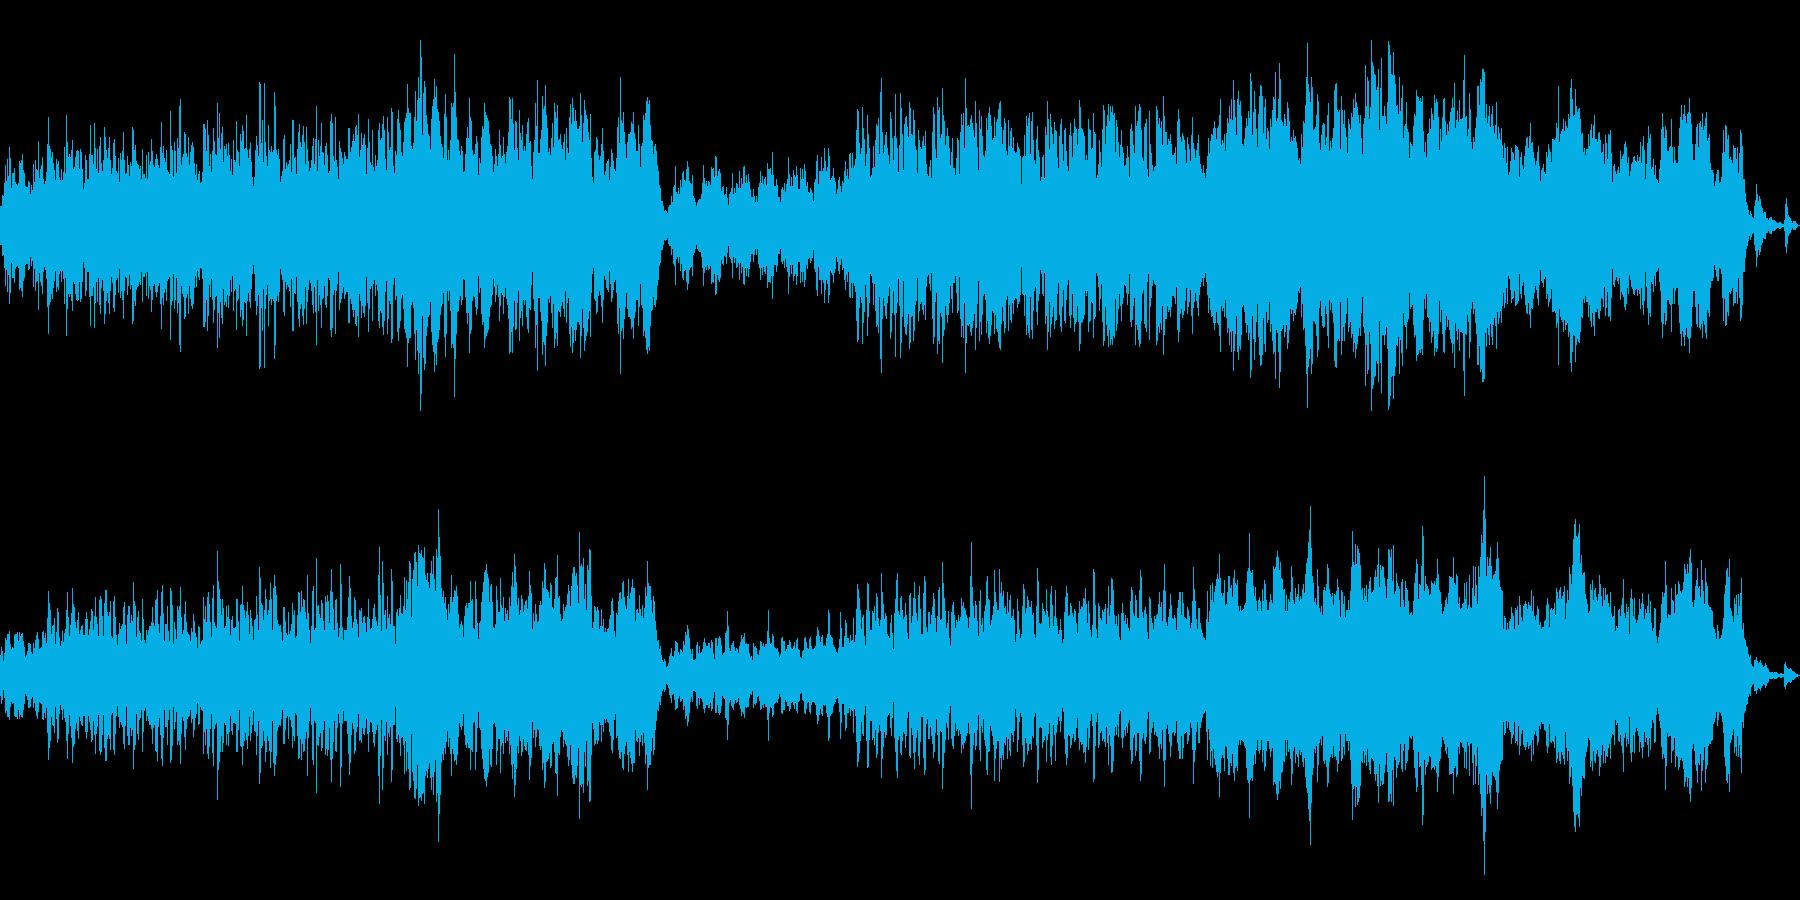 ハープとストリングスの幻想的な曲の再生済みの波形